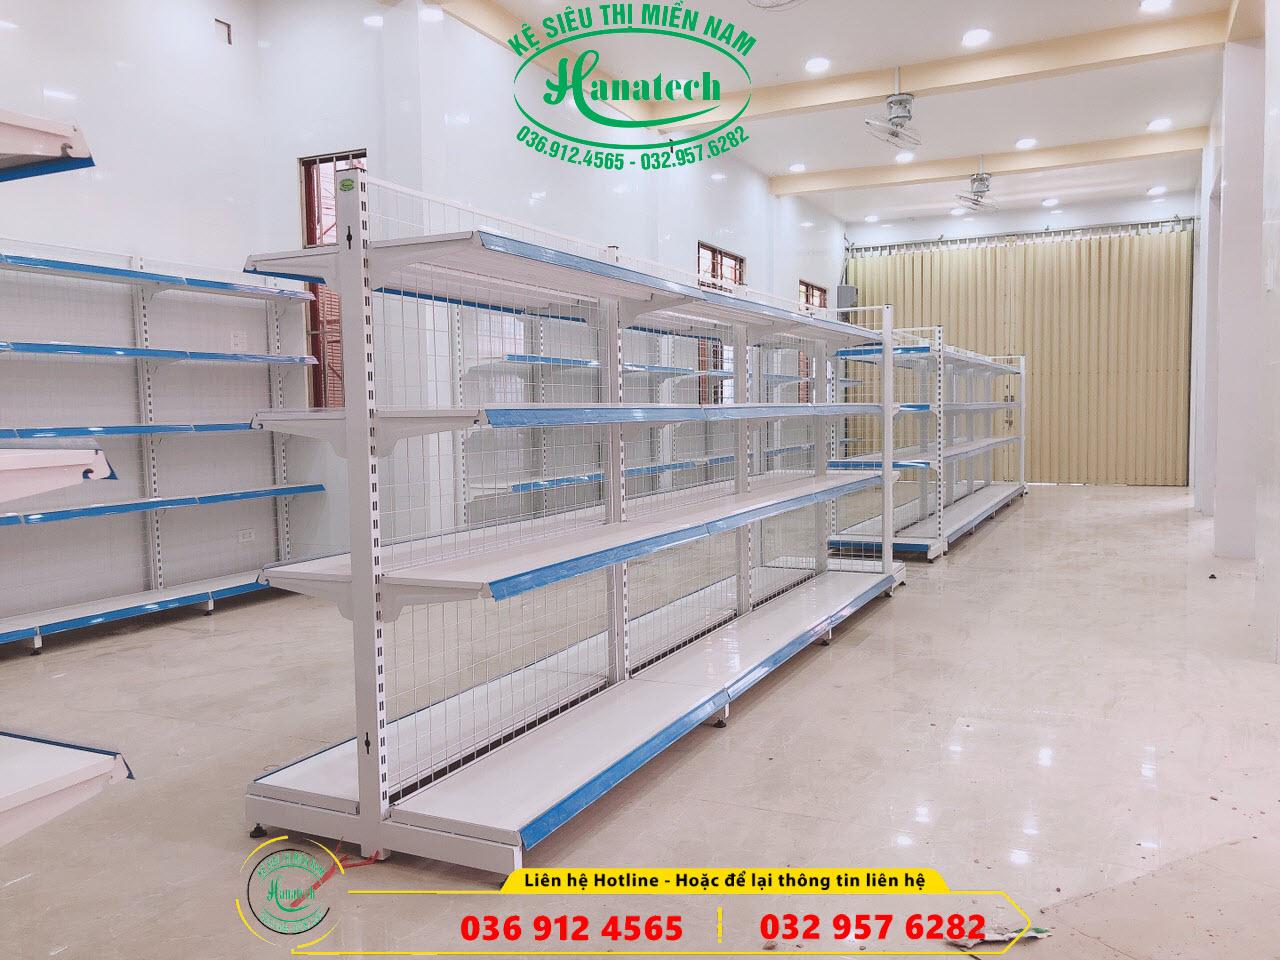 Giá kệ siêu thị trưng bày sản phẩm tại Long Thành Đồng Nai